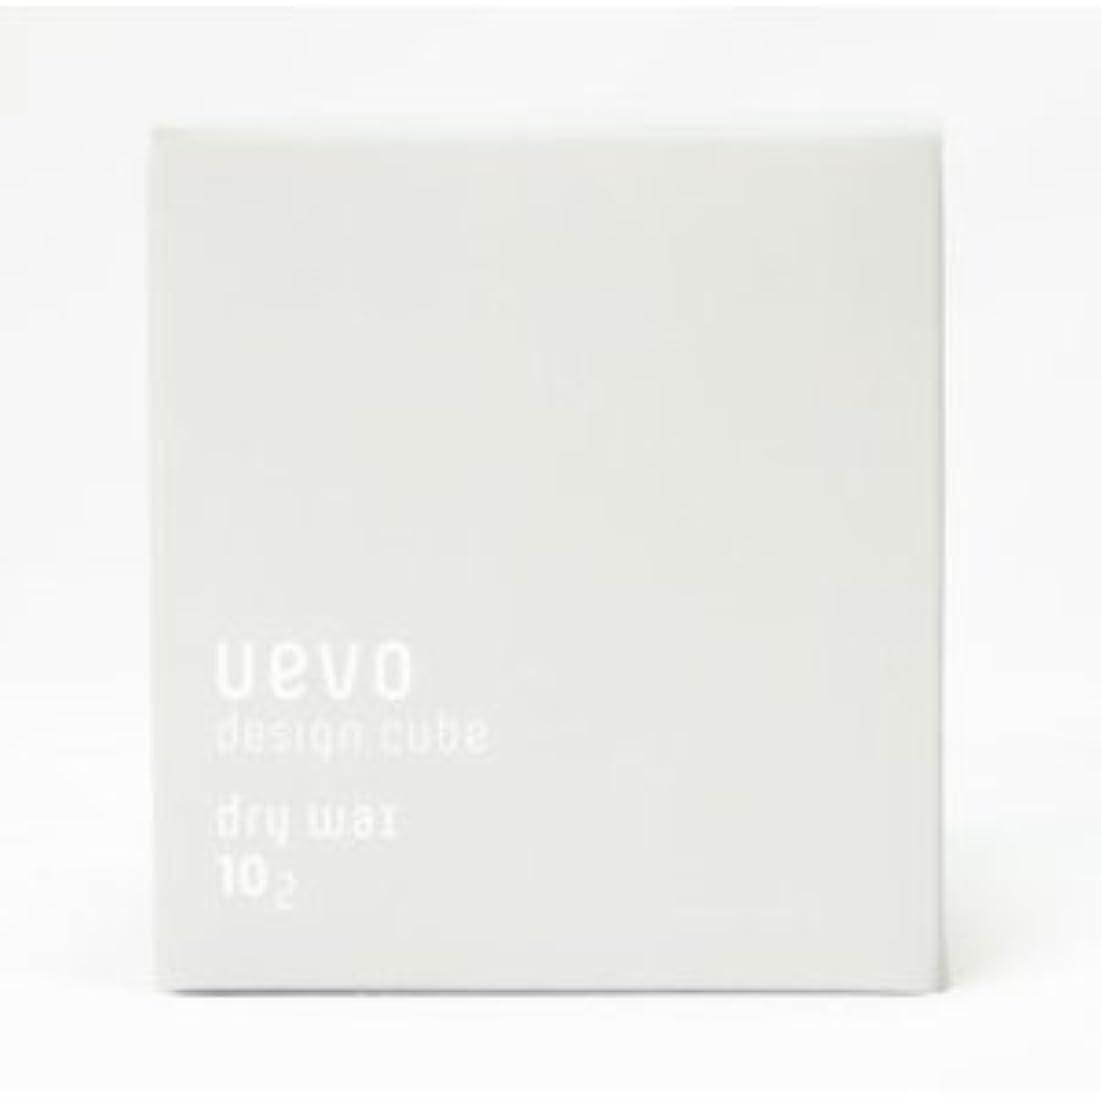 土望む書く【X2個セット】 デミ ウェーボ デザインキューブ ドライワックス 80g dry wax